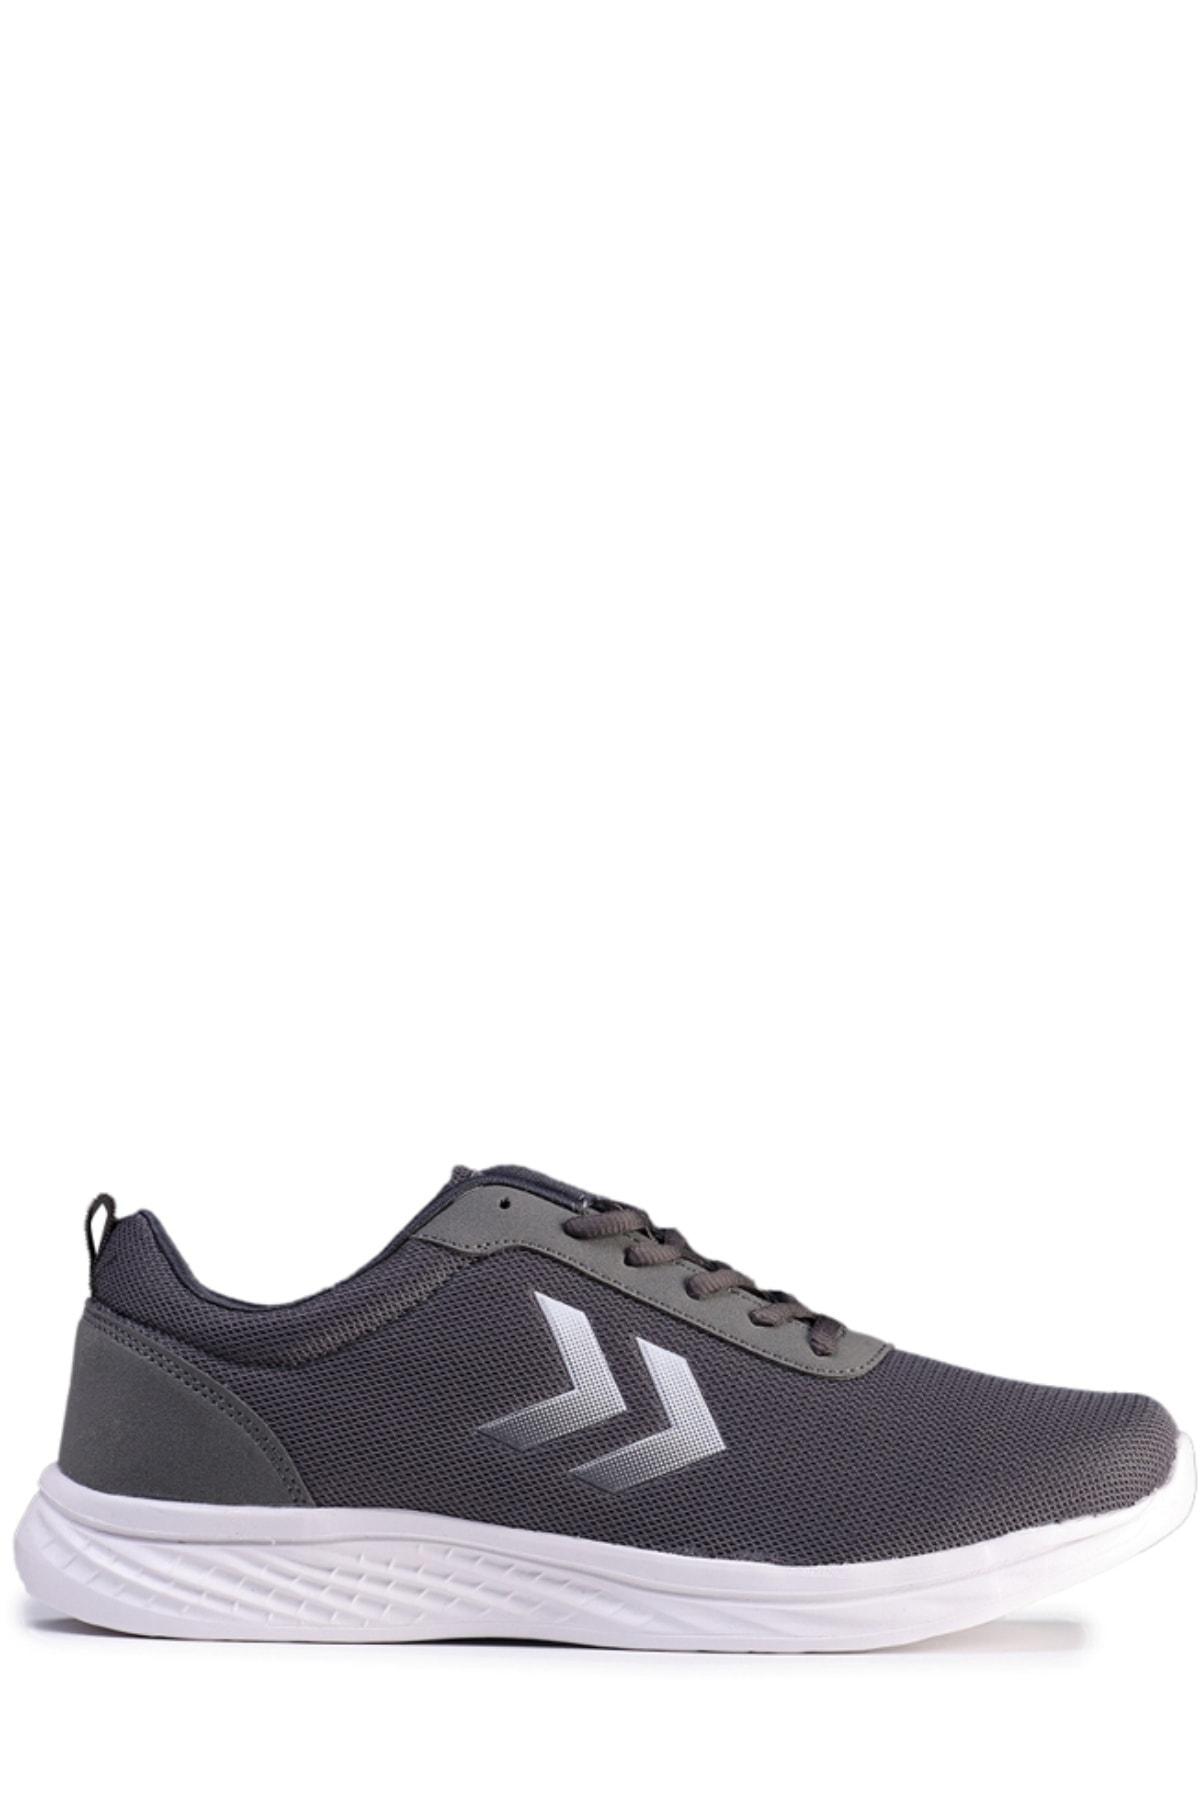 HUMMEL Hmlaerolite Iı Spor Ayakkabı 208200-2327 1